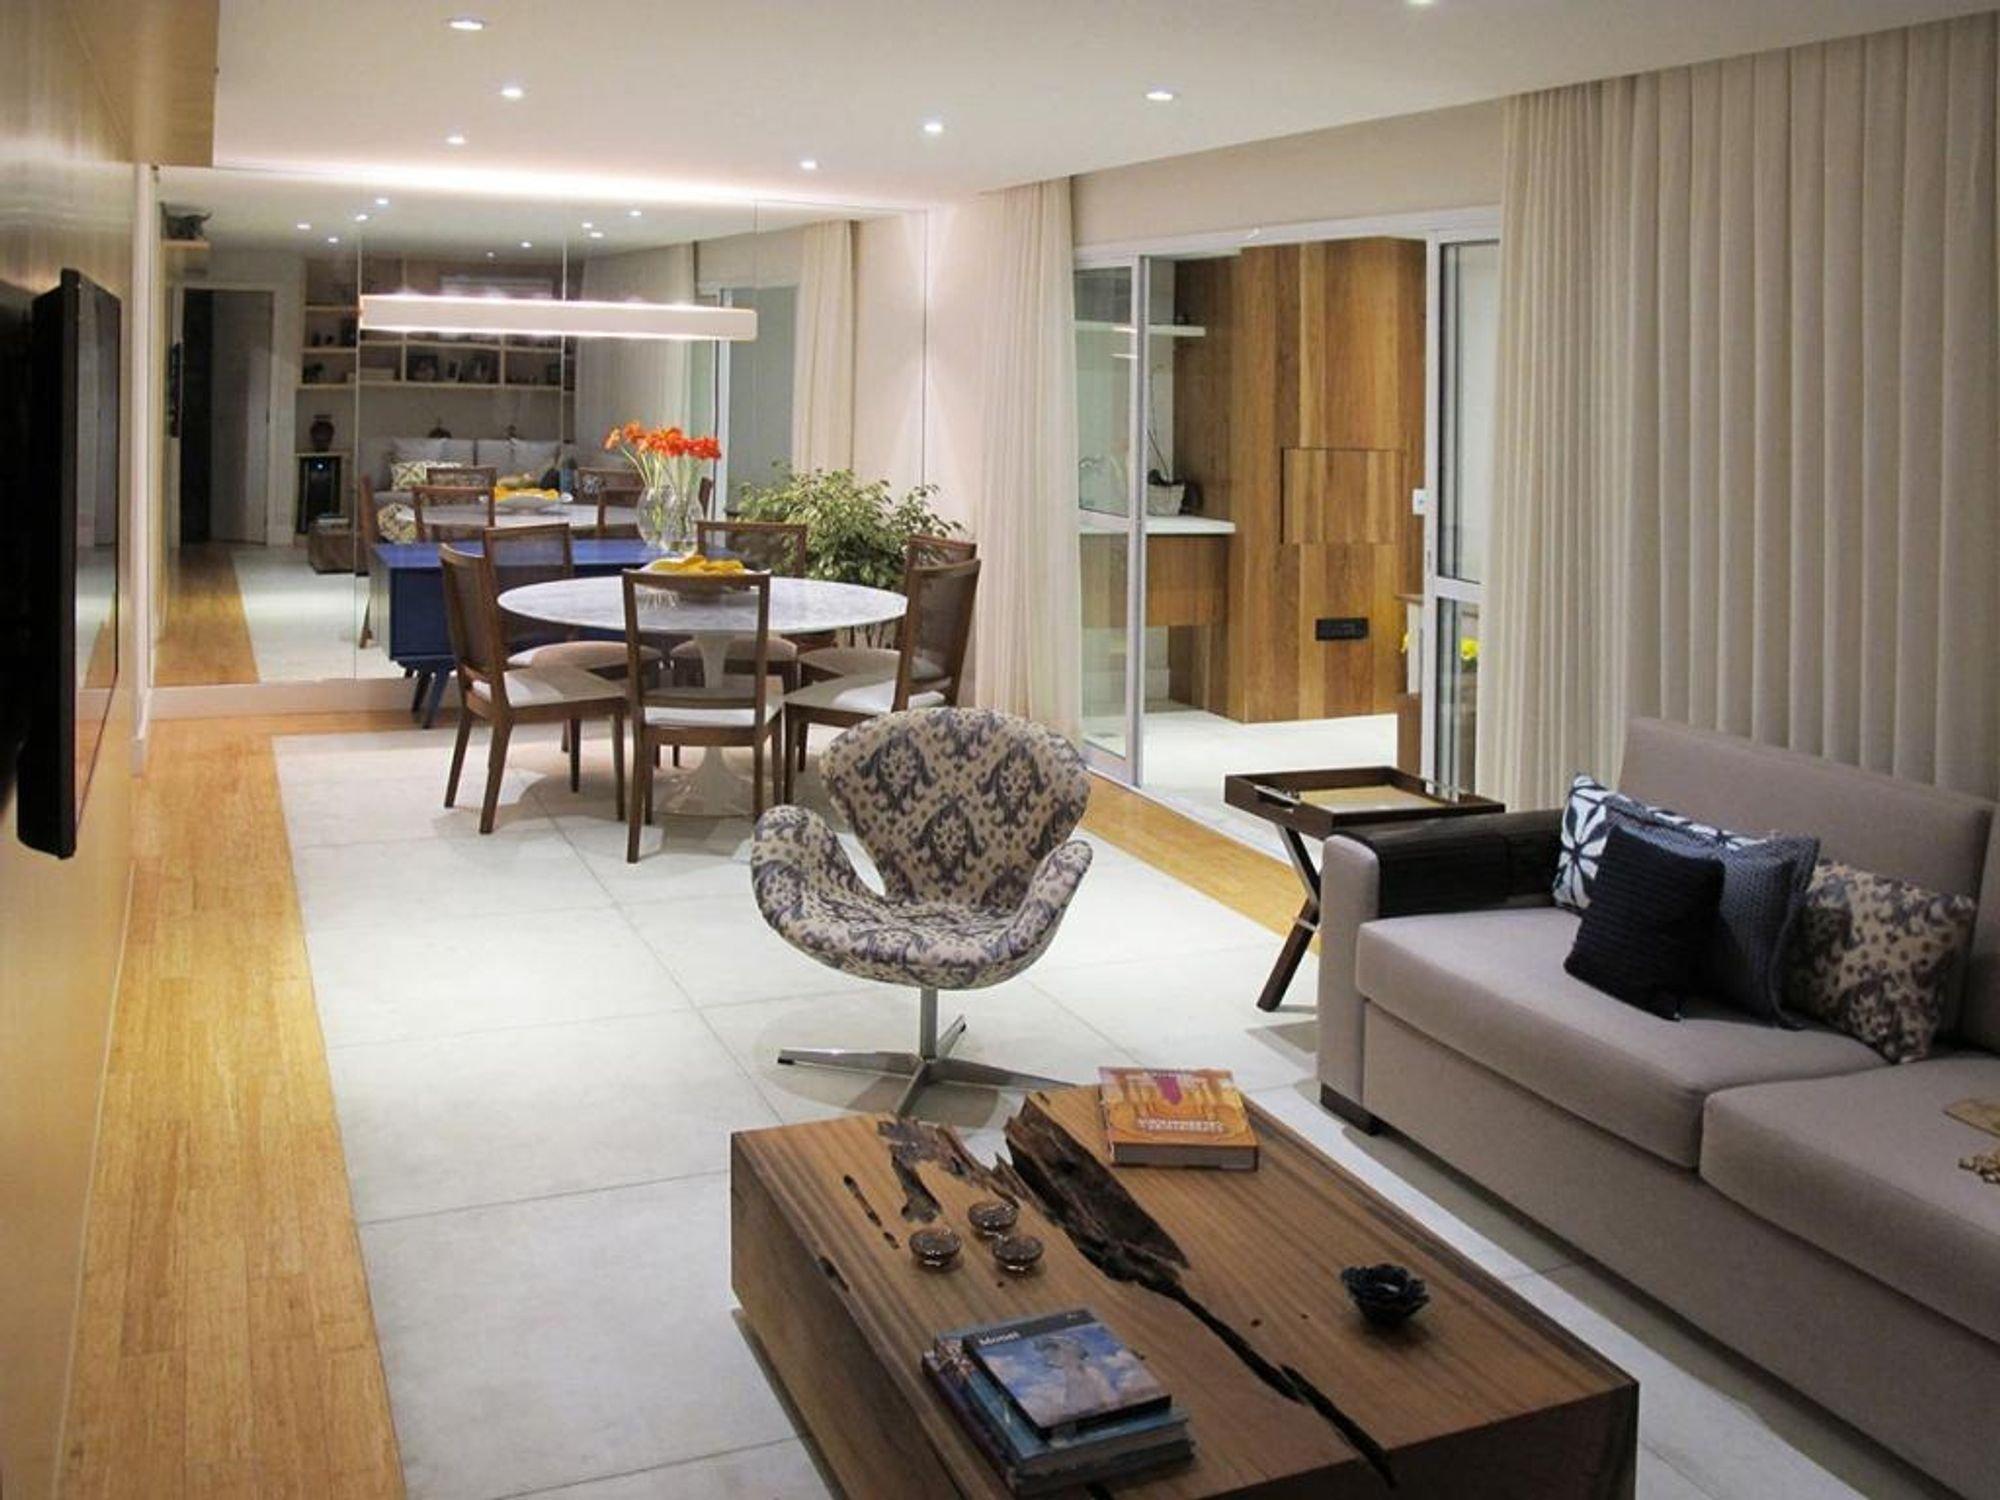 Foto de Sala com sofá, cadeira, livro, mesa de jantar